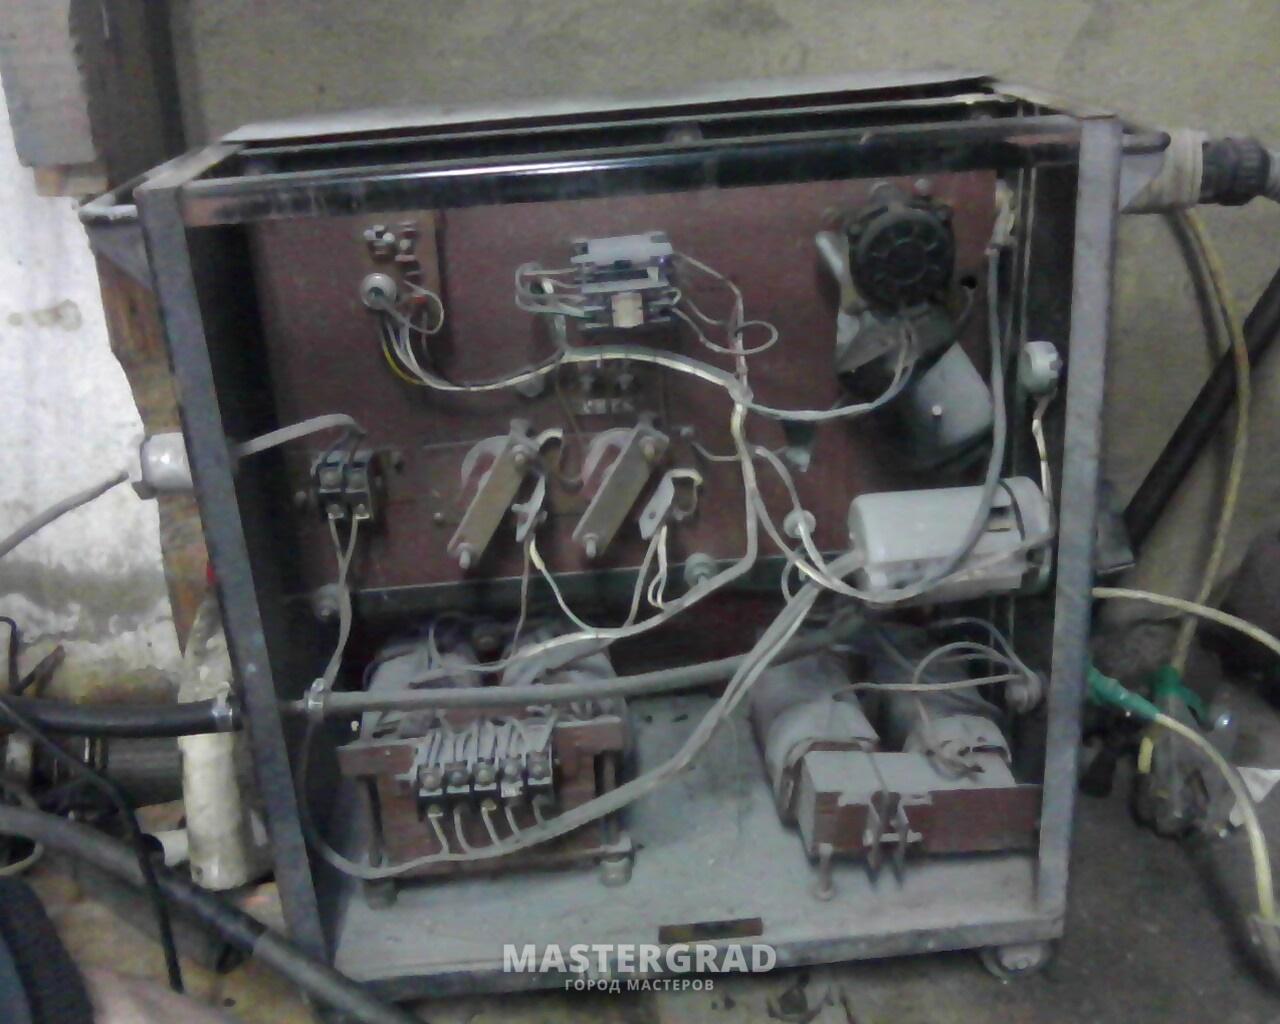 электросхема сварочного полуавтомата урал спа 175